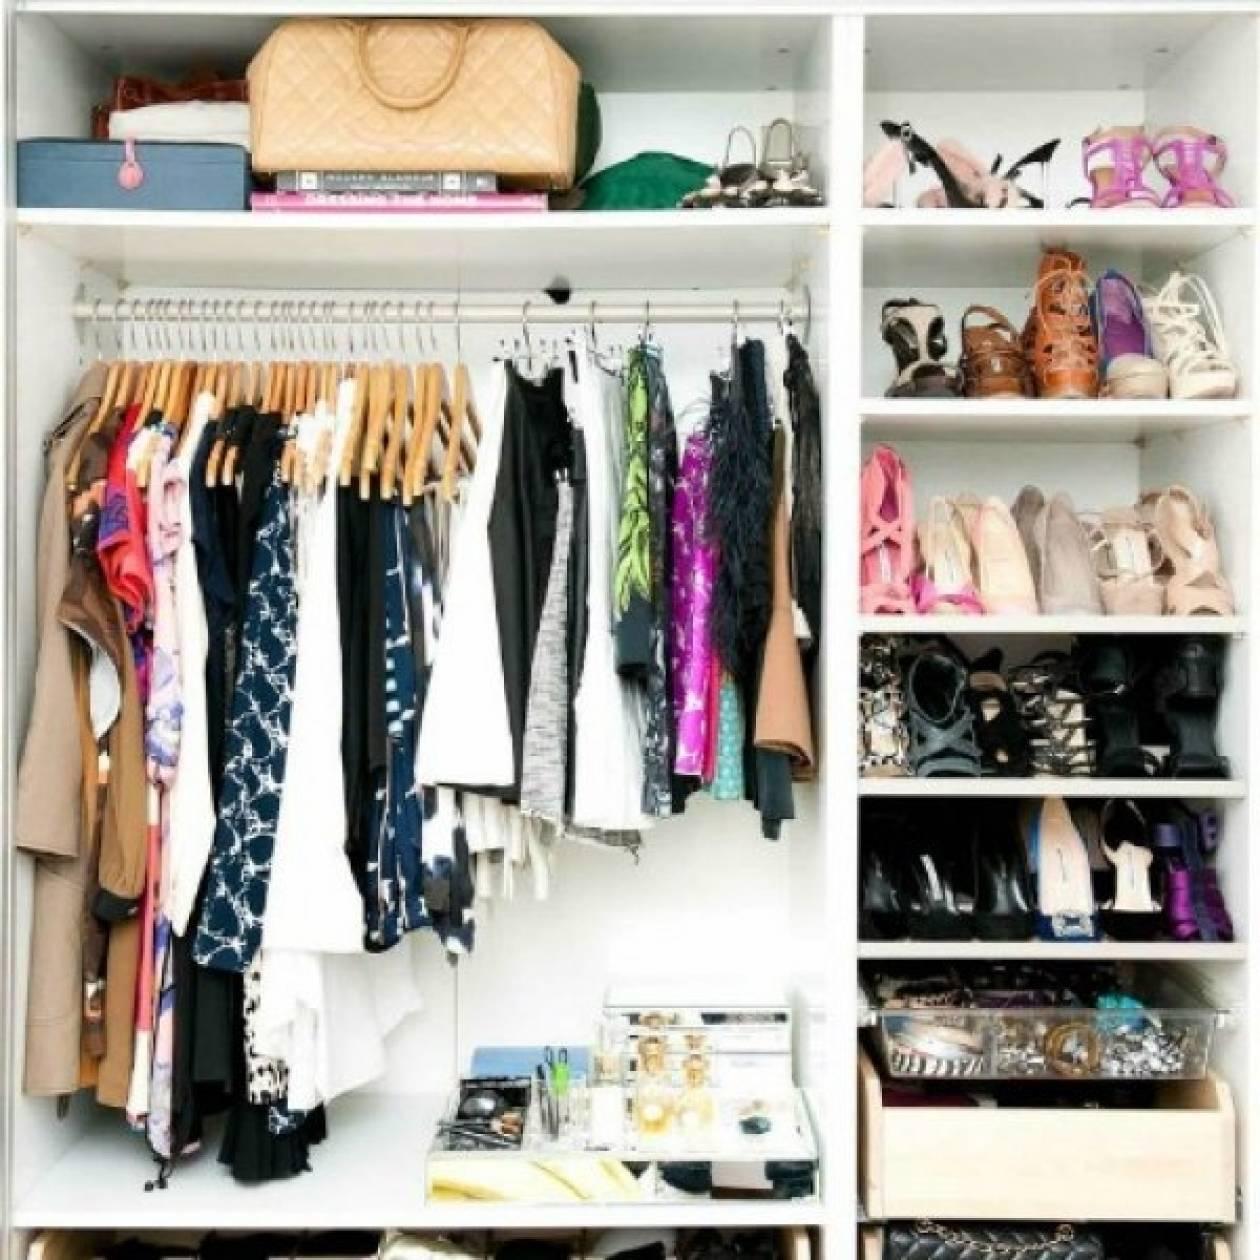 Τα μυστικά για μια τέλεια οργανωμένη ντουλάπα